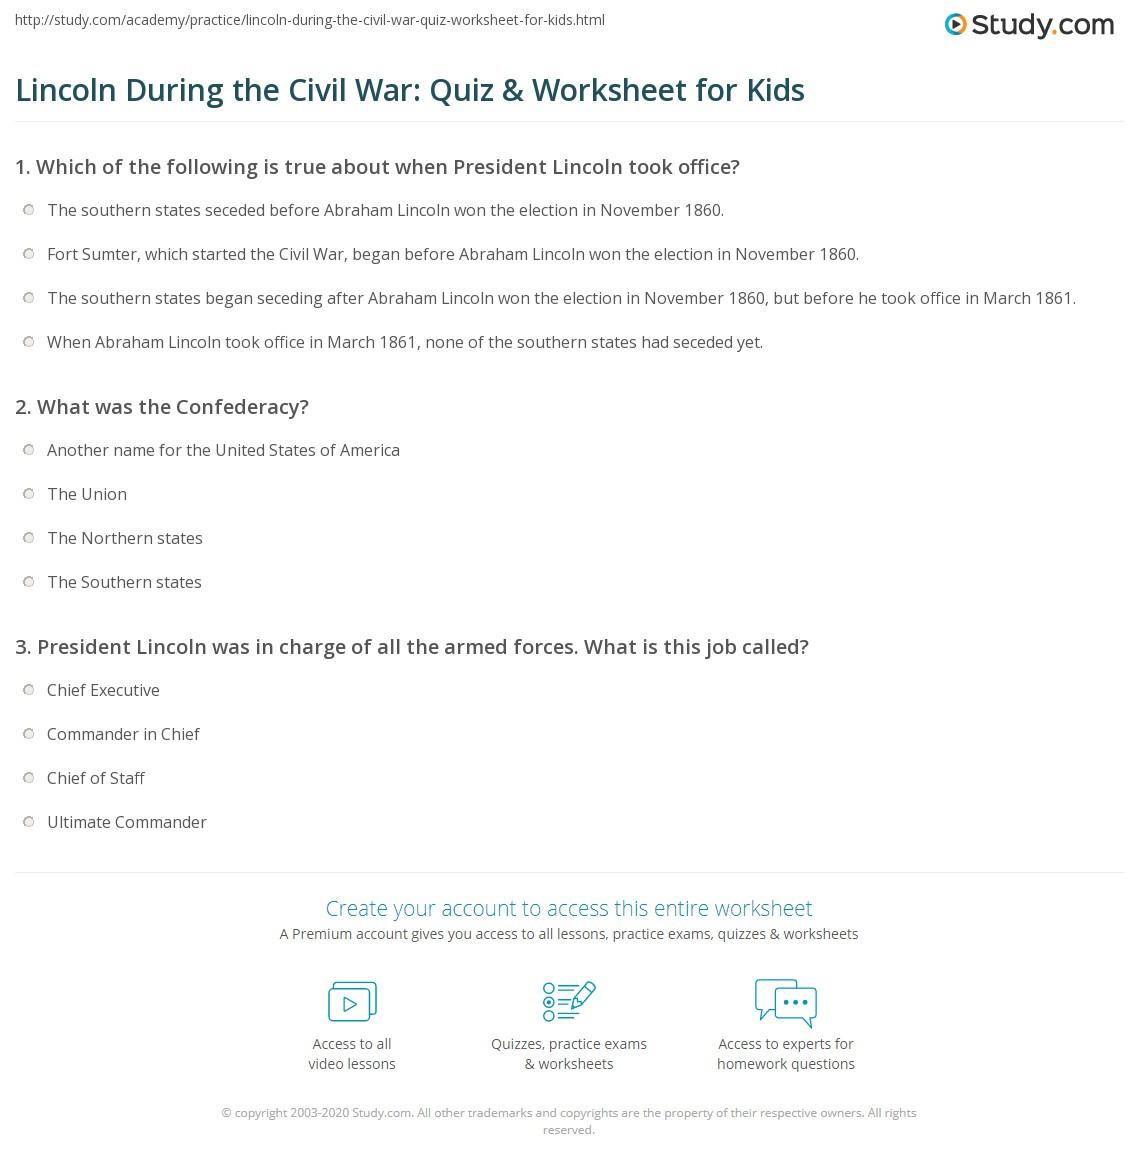 Civil War Timeline Worksheet Lincoln During the Civil War Quiz & Worksheet for Kids